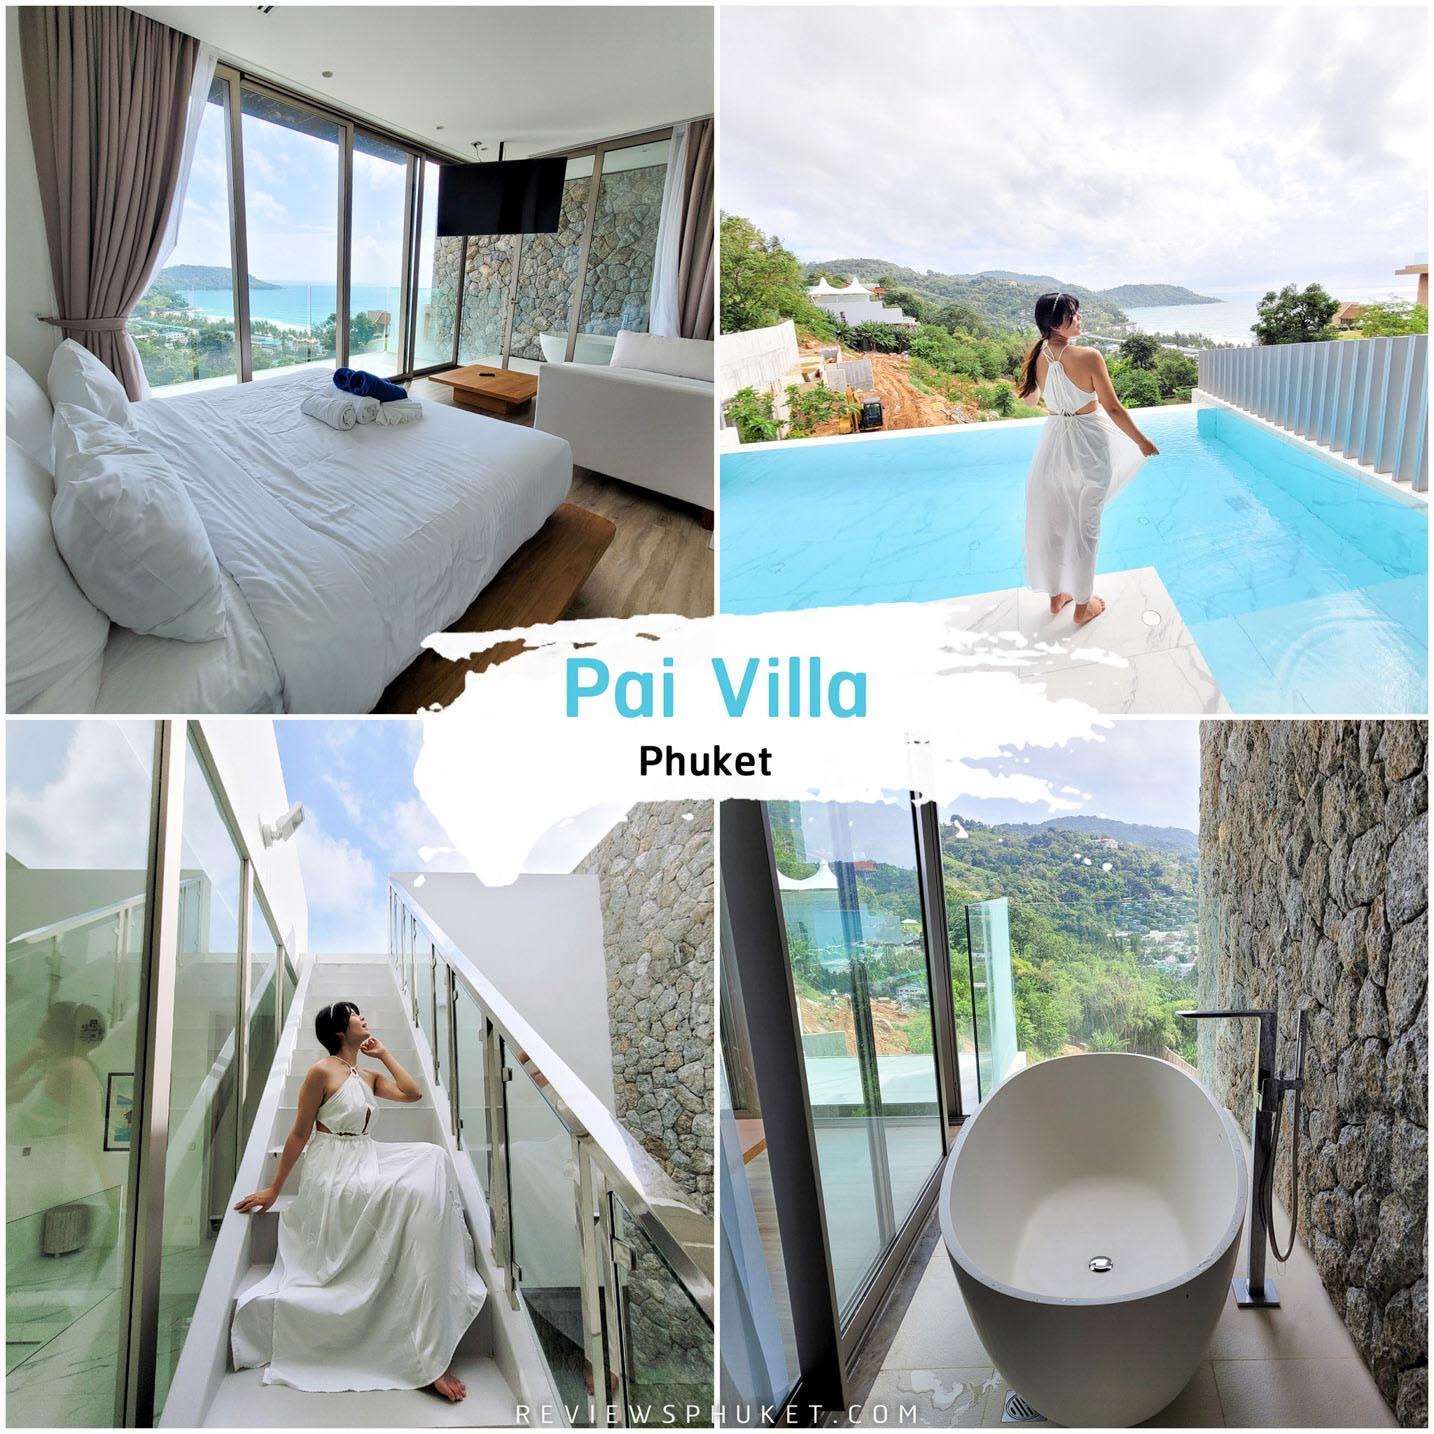 Pai Villa Phuket